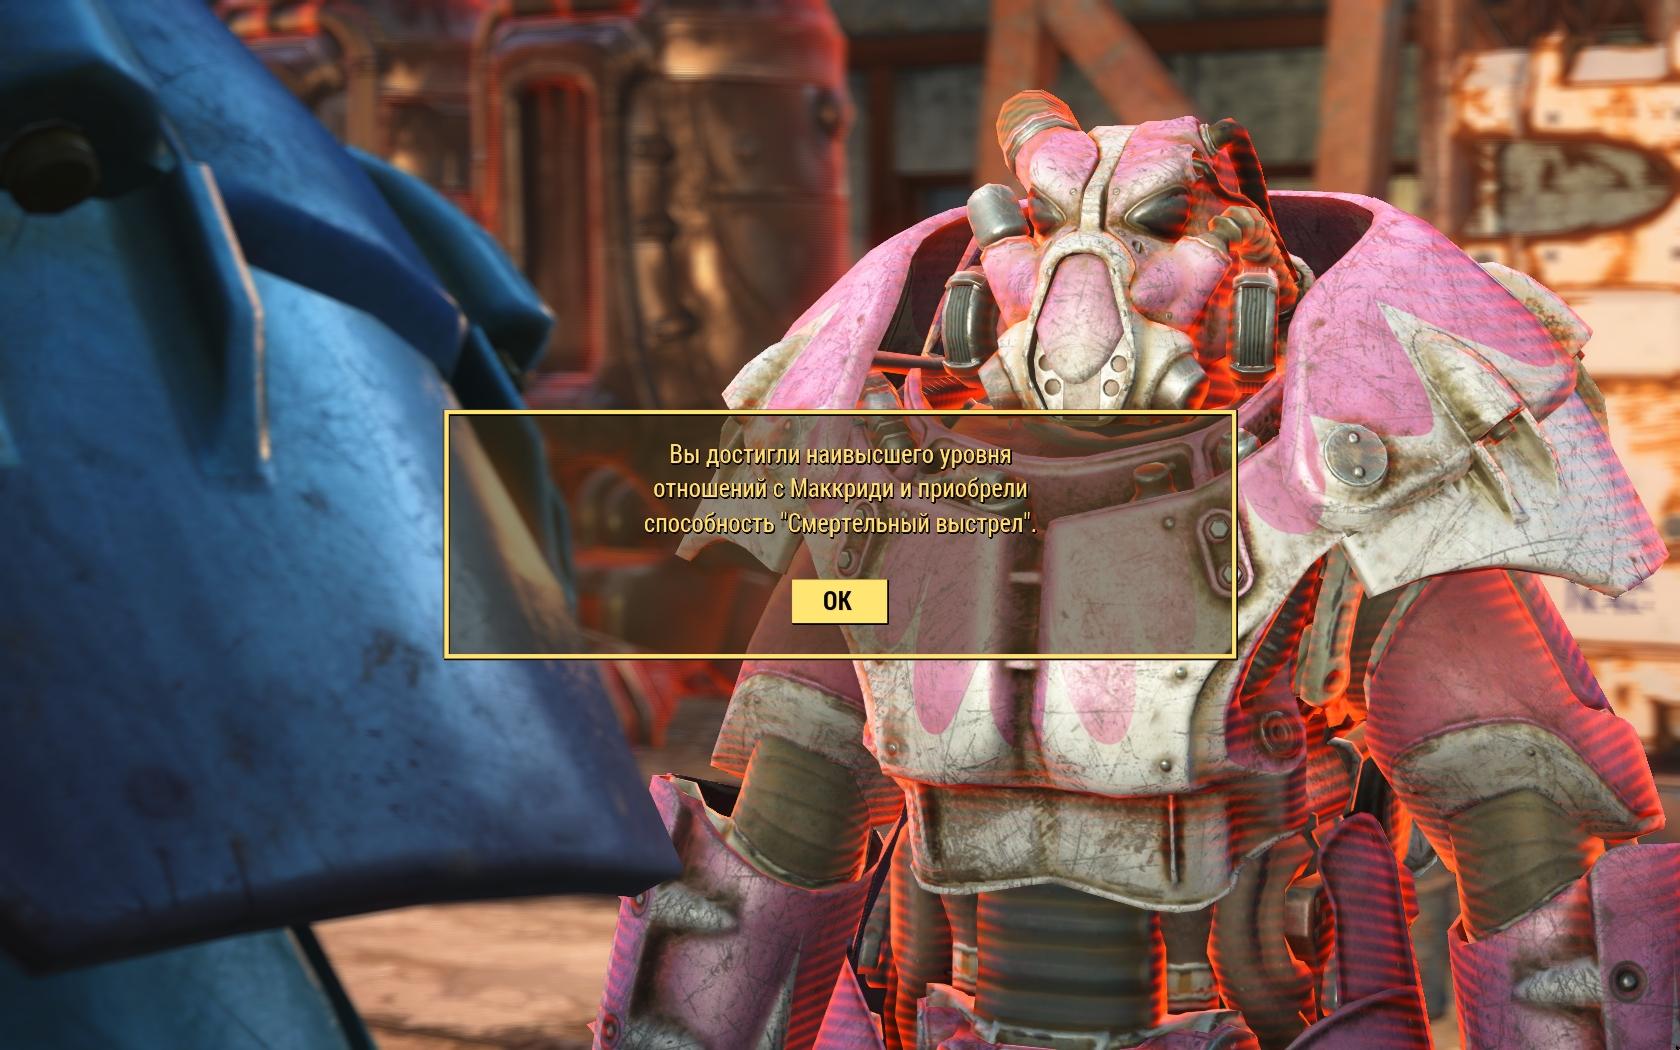 Маккриди. Смертельный выстрел. Наивысший уровень отношений - Fallout 4 Маккриди, Смертельный выстрел